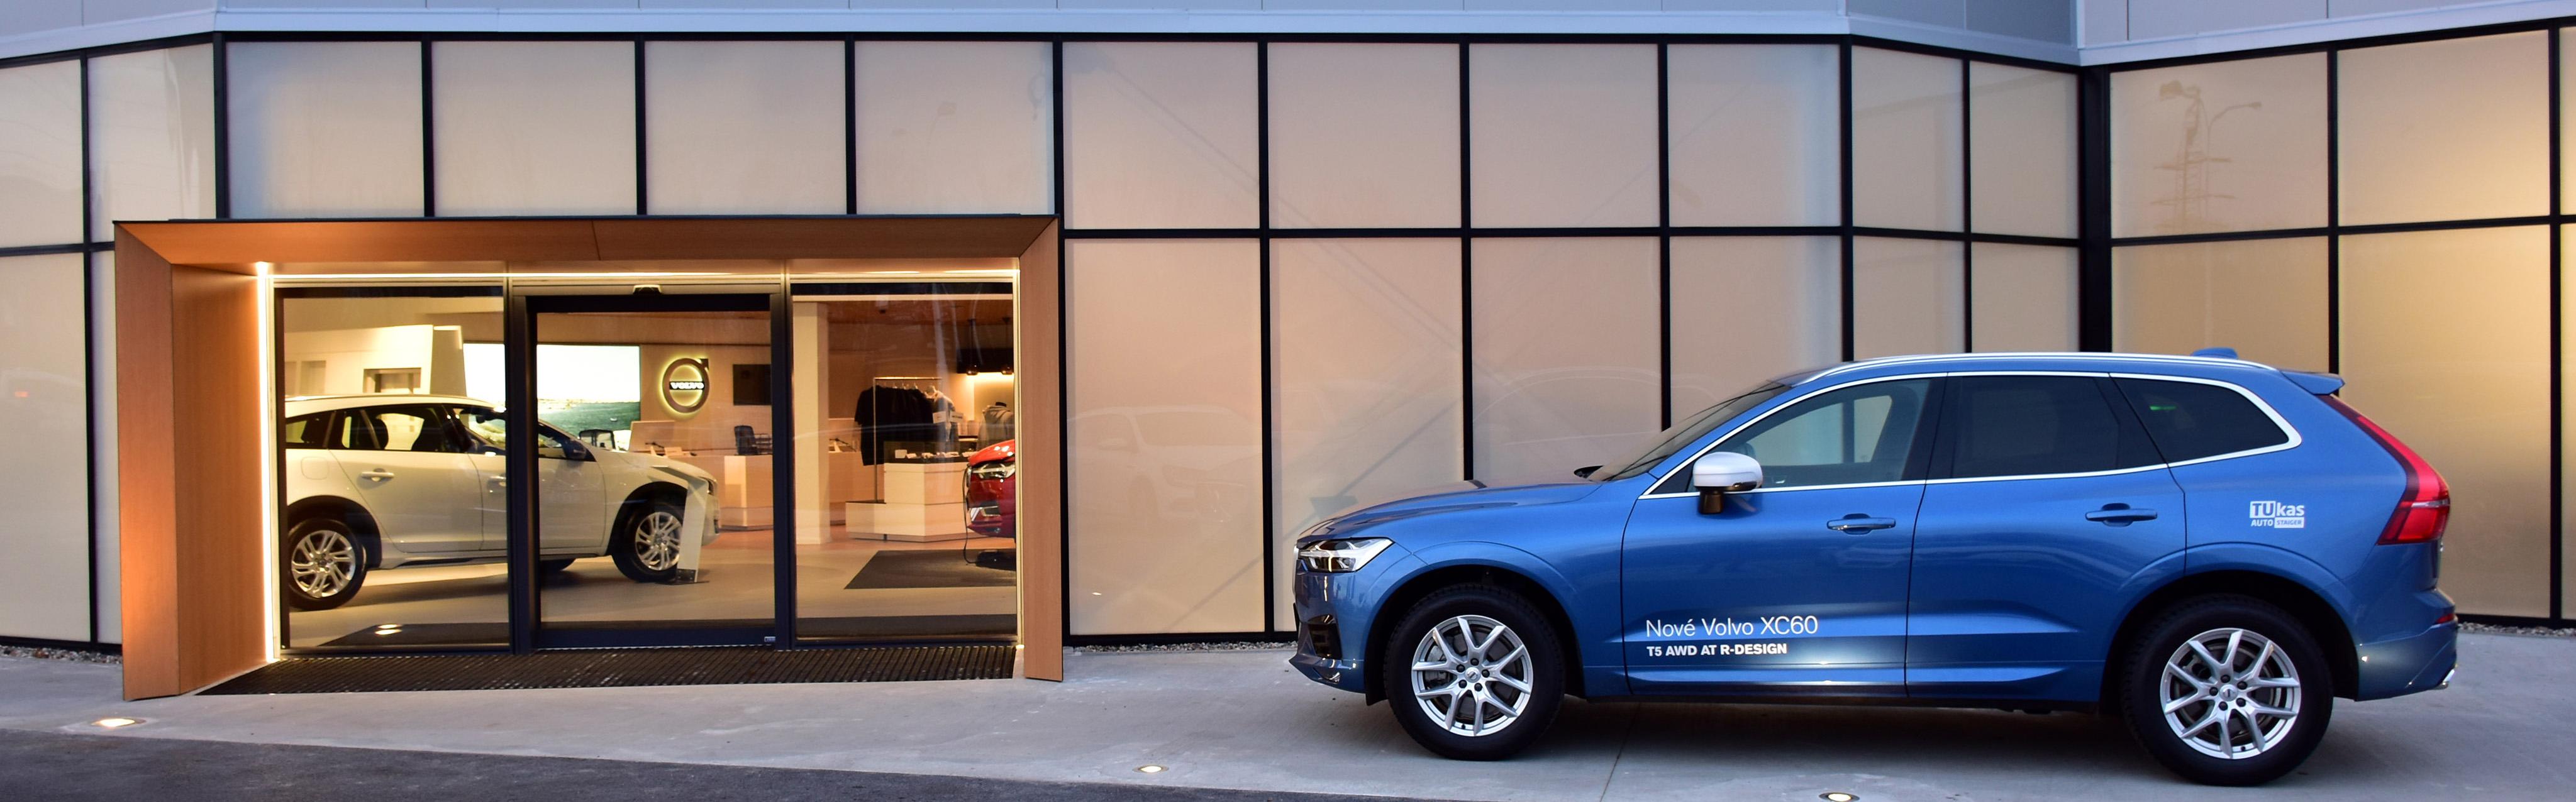 autosalon Volvo